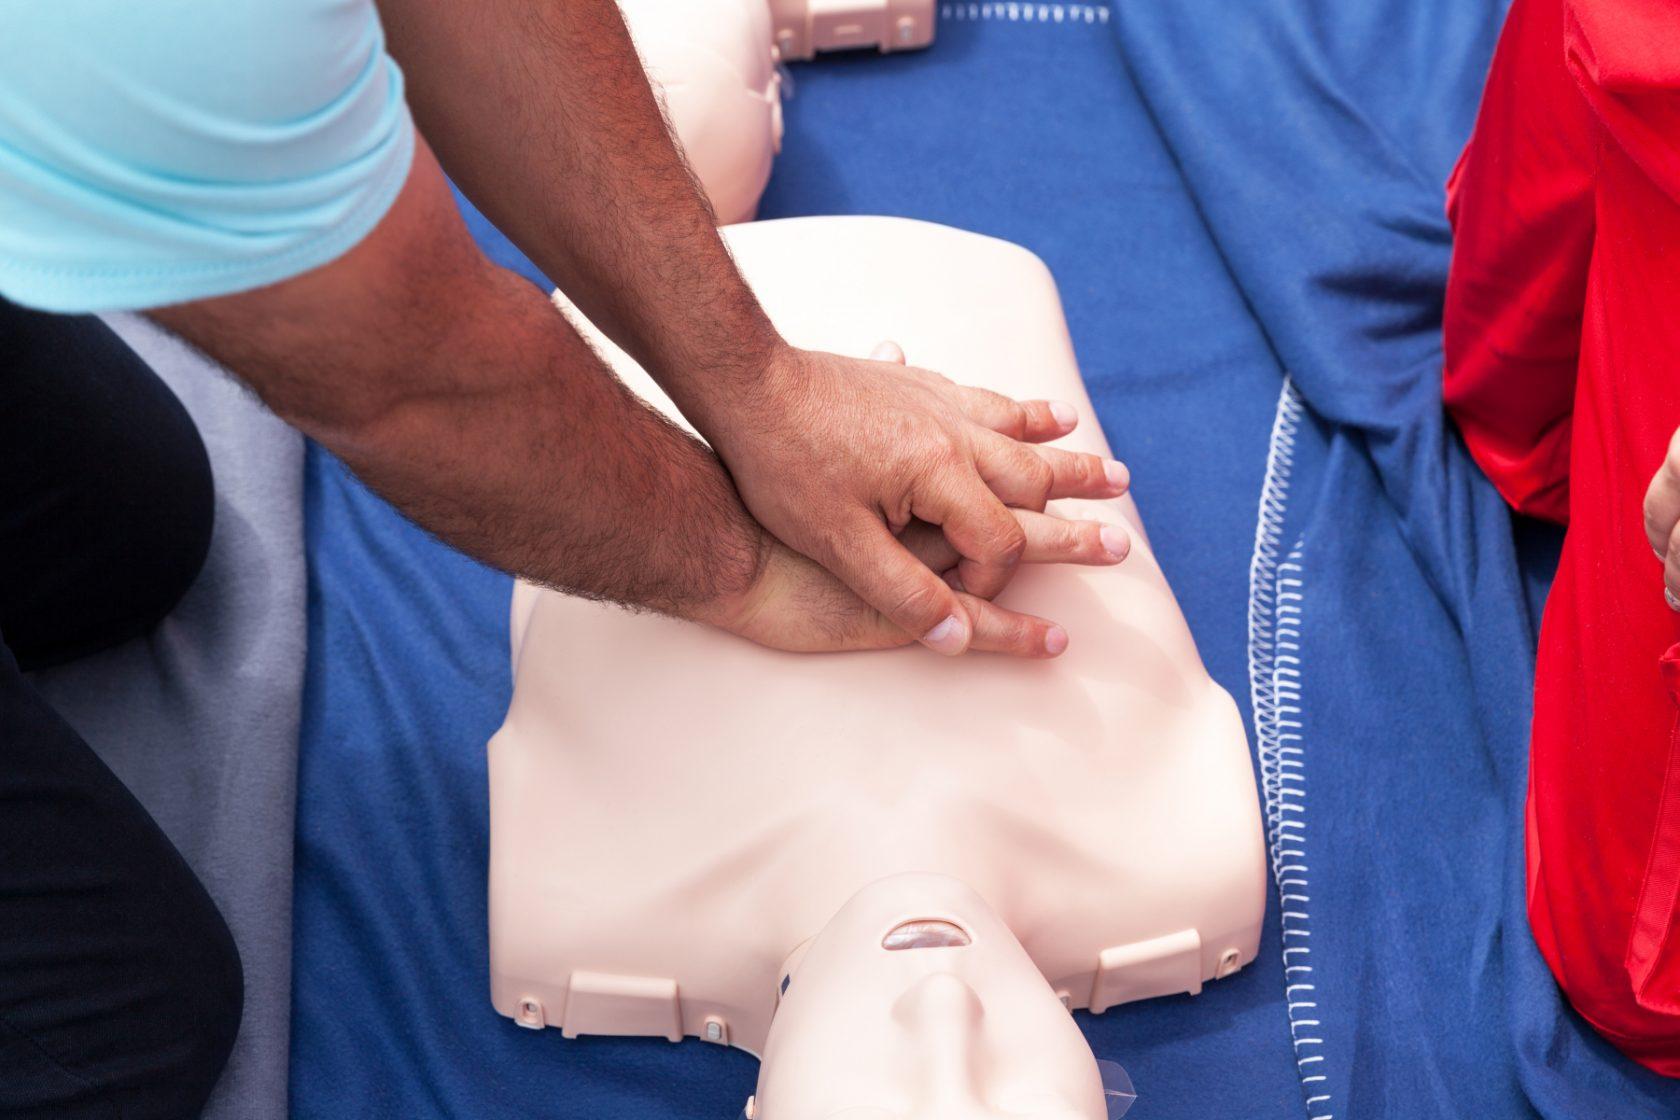 Övning i hjärt- och lugnräddning, på docka